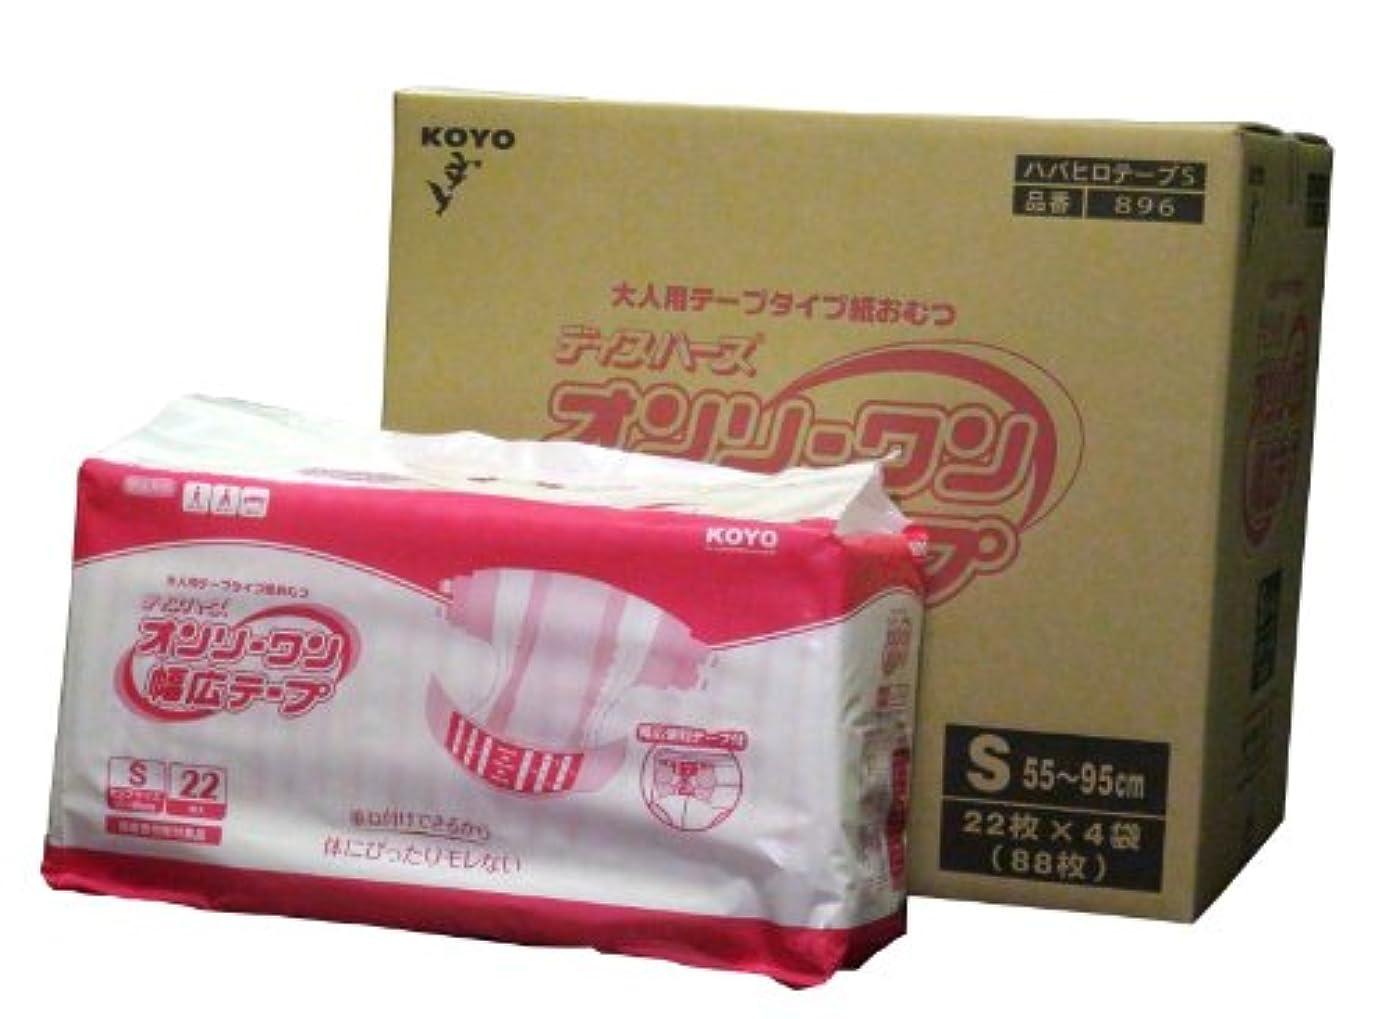 ダブル首尾一貫したご注意オンリーワン幅広テープ S 22枚×4袋(88枚)